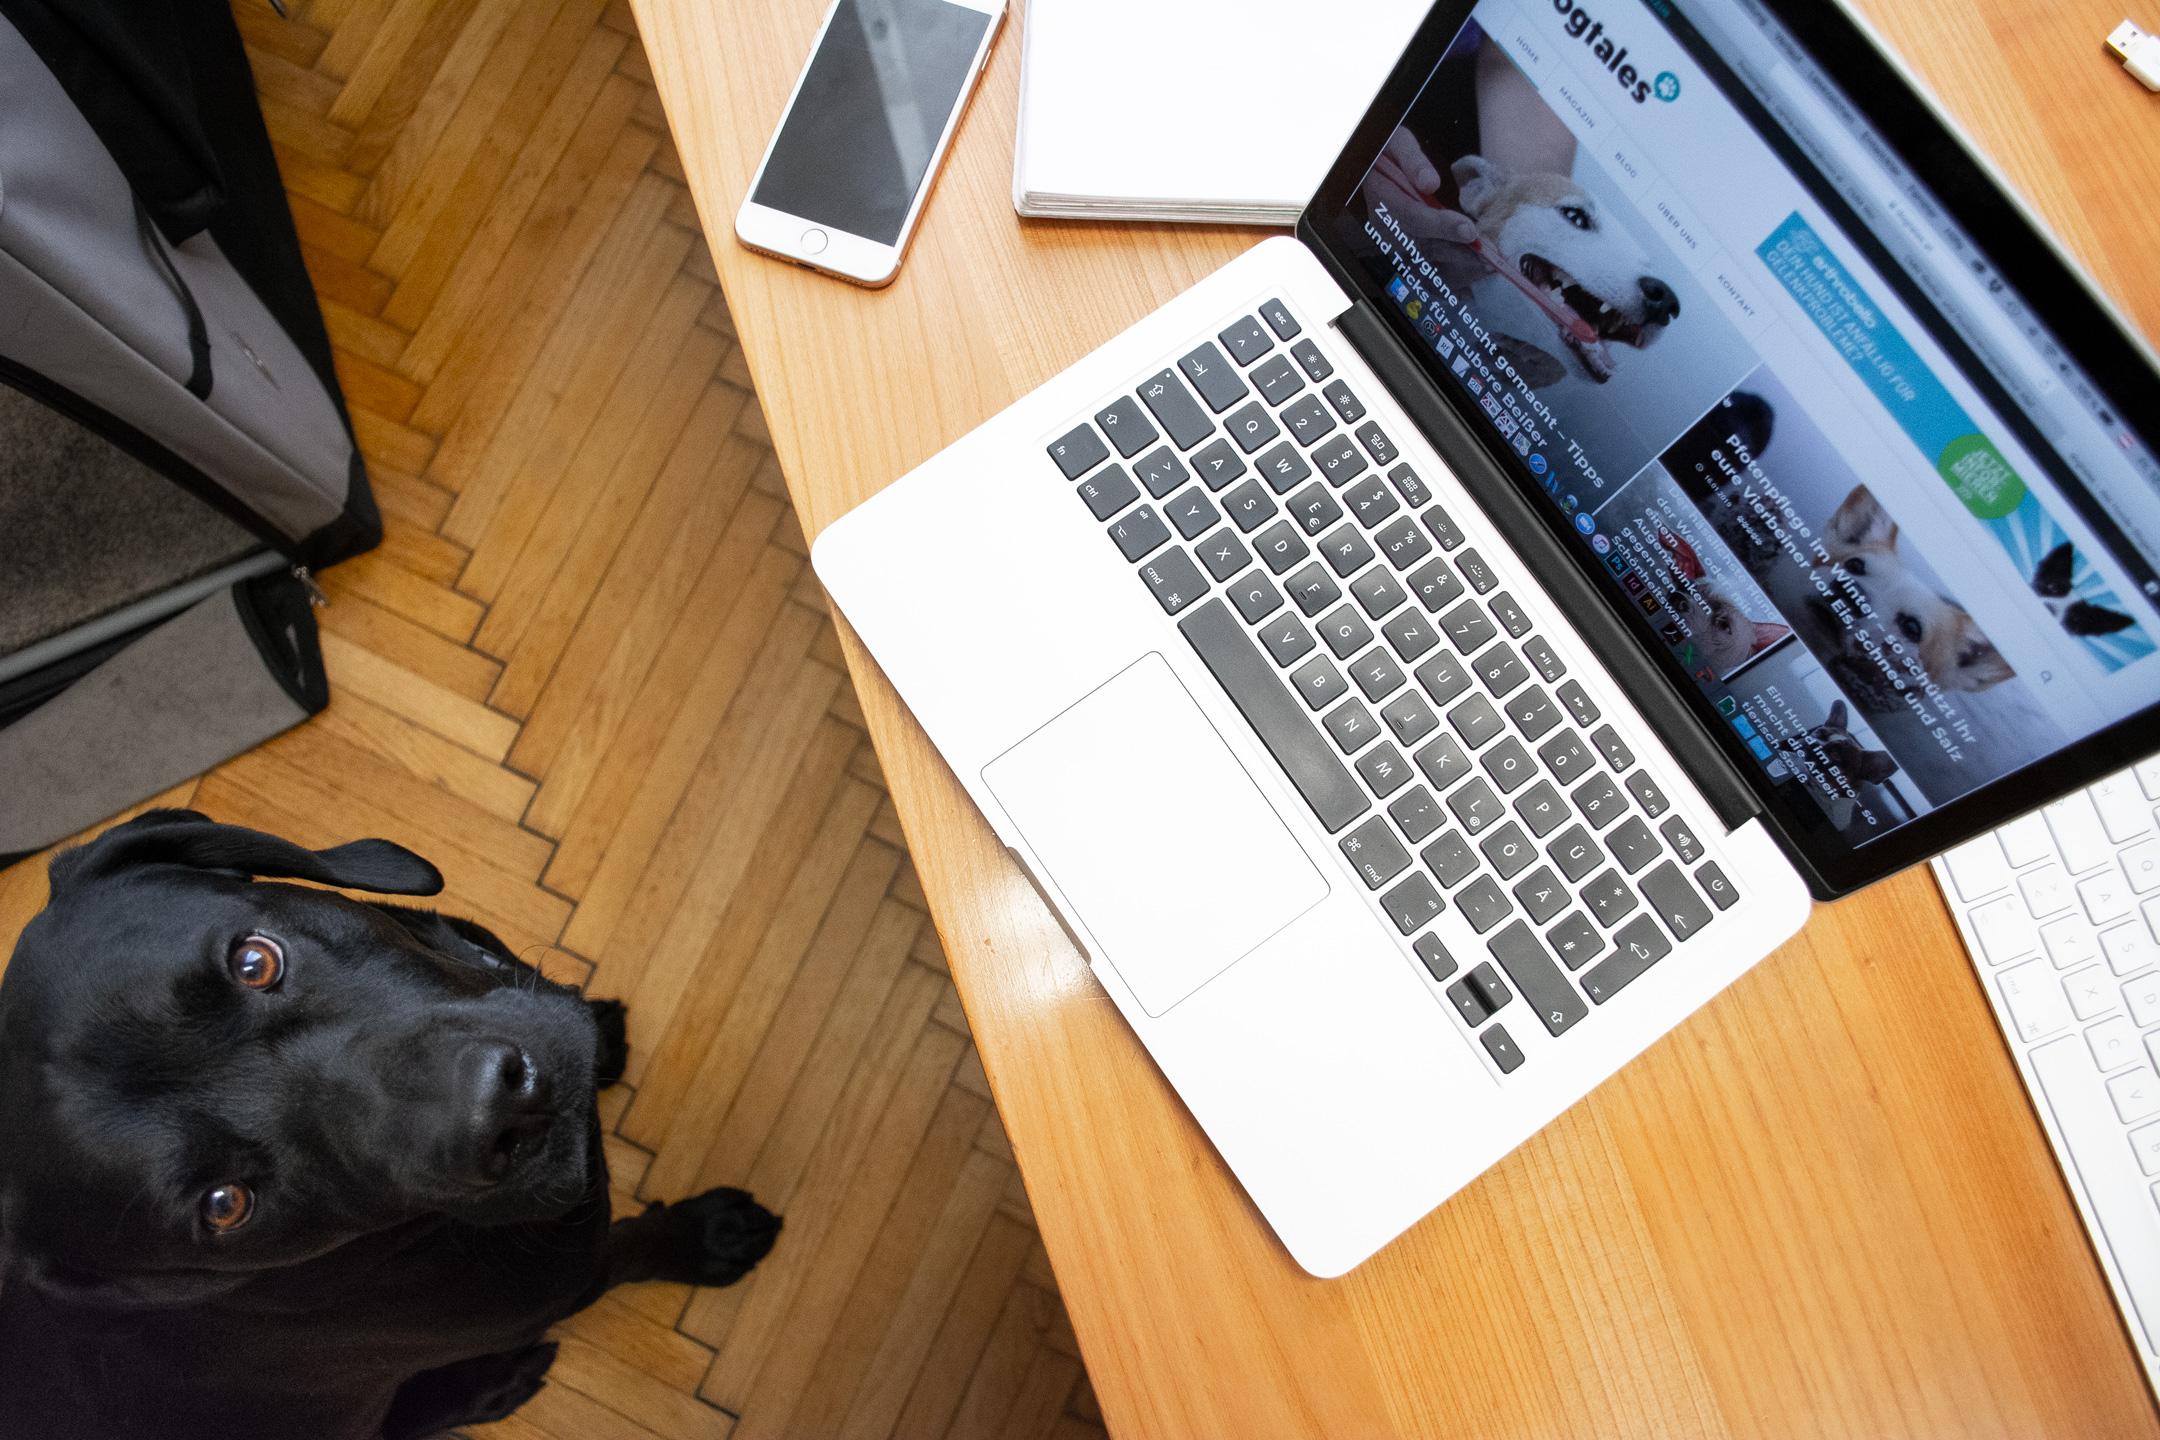 schwarzer Labrador sitzt vor einem laptop mit der dogtales-startseite im büro und schaut nach oben